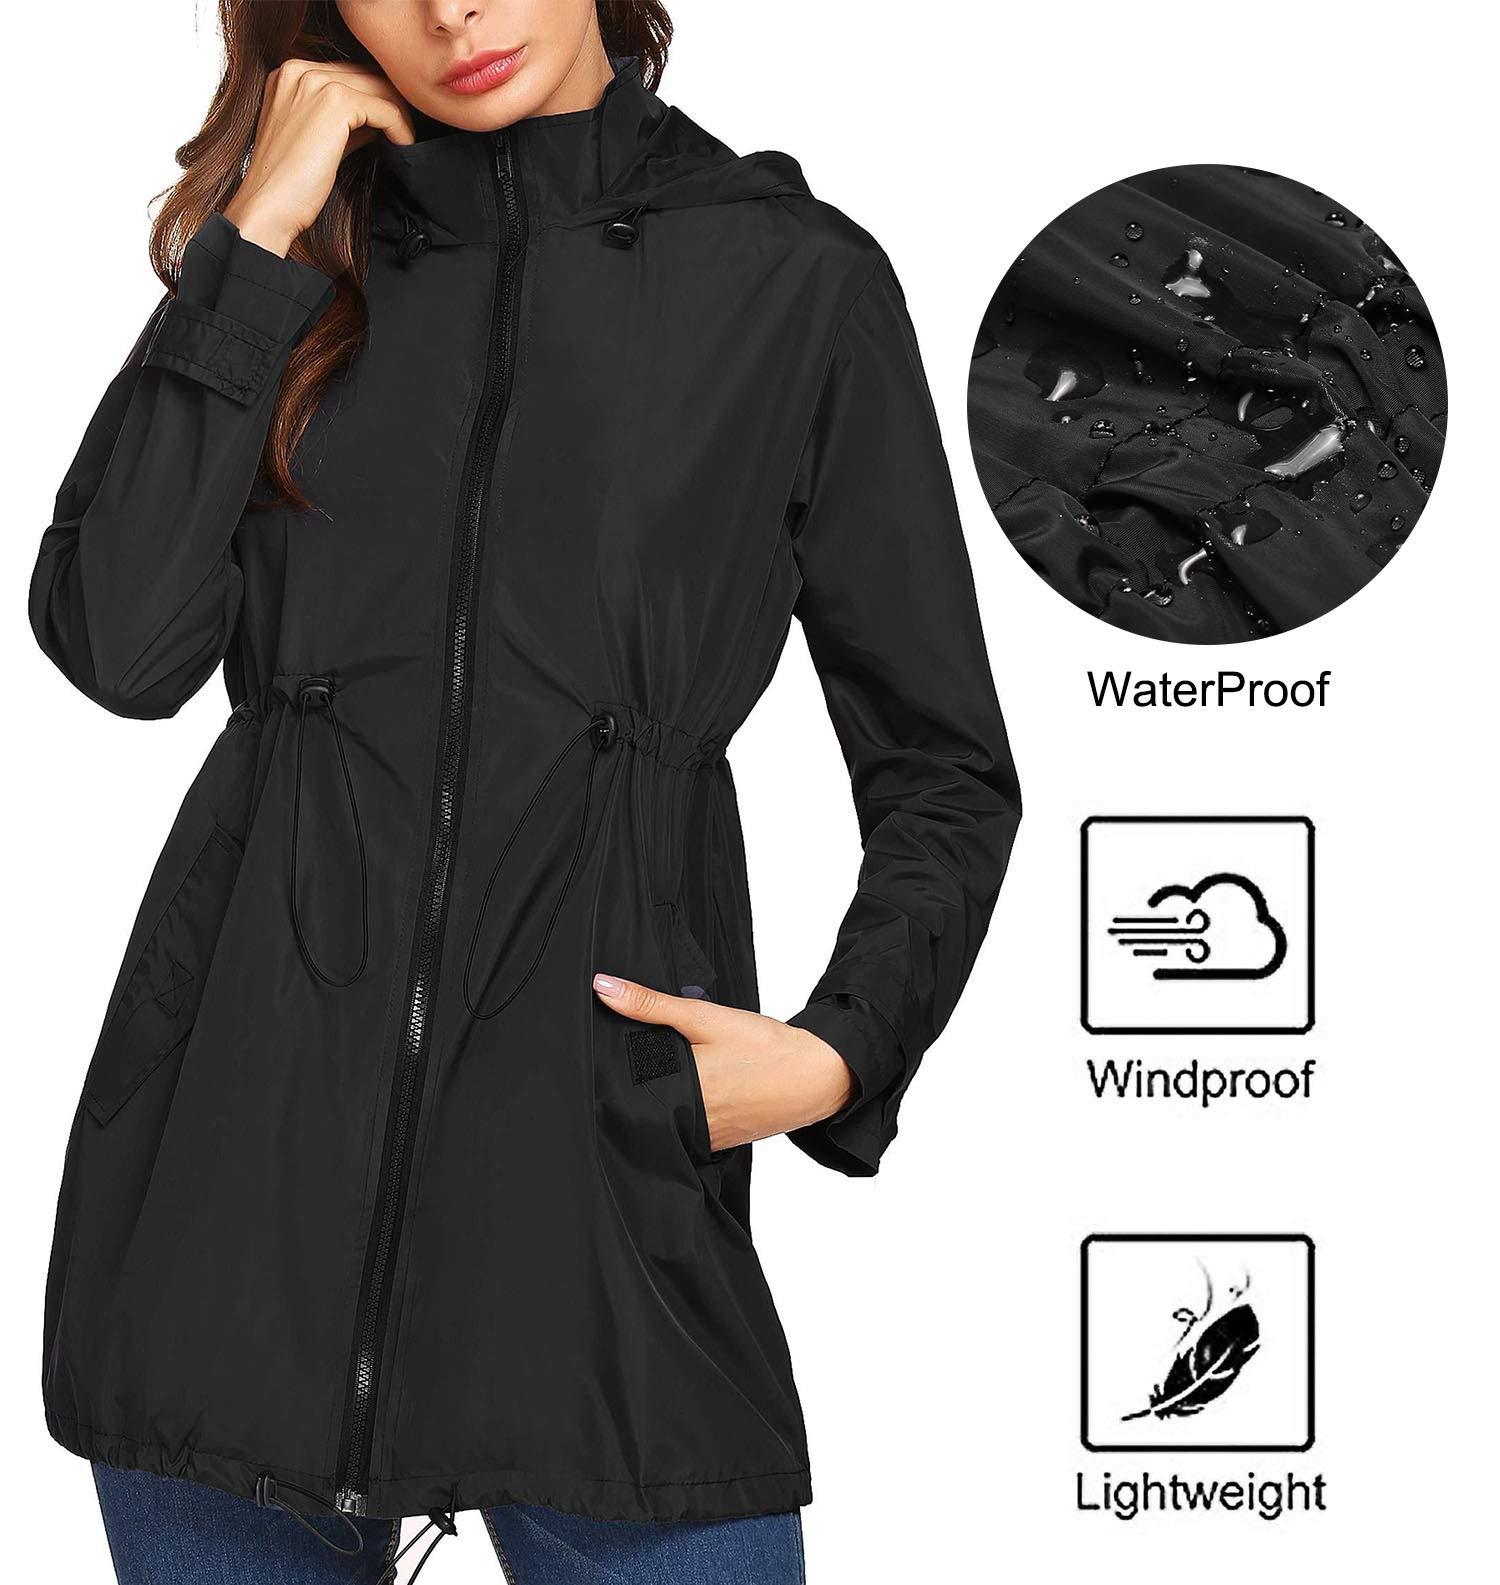 Mofavor Women's Lightweight Waterproof Raincoat Hoodie Rain Jacket Outdoor Anorak Windbreaker Black XXL